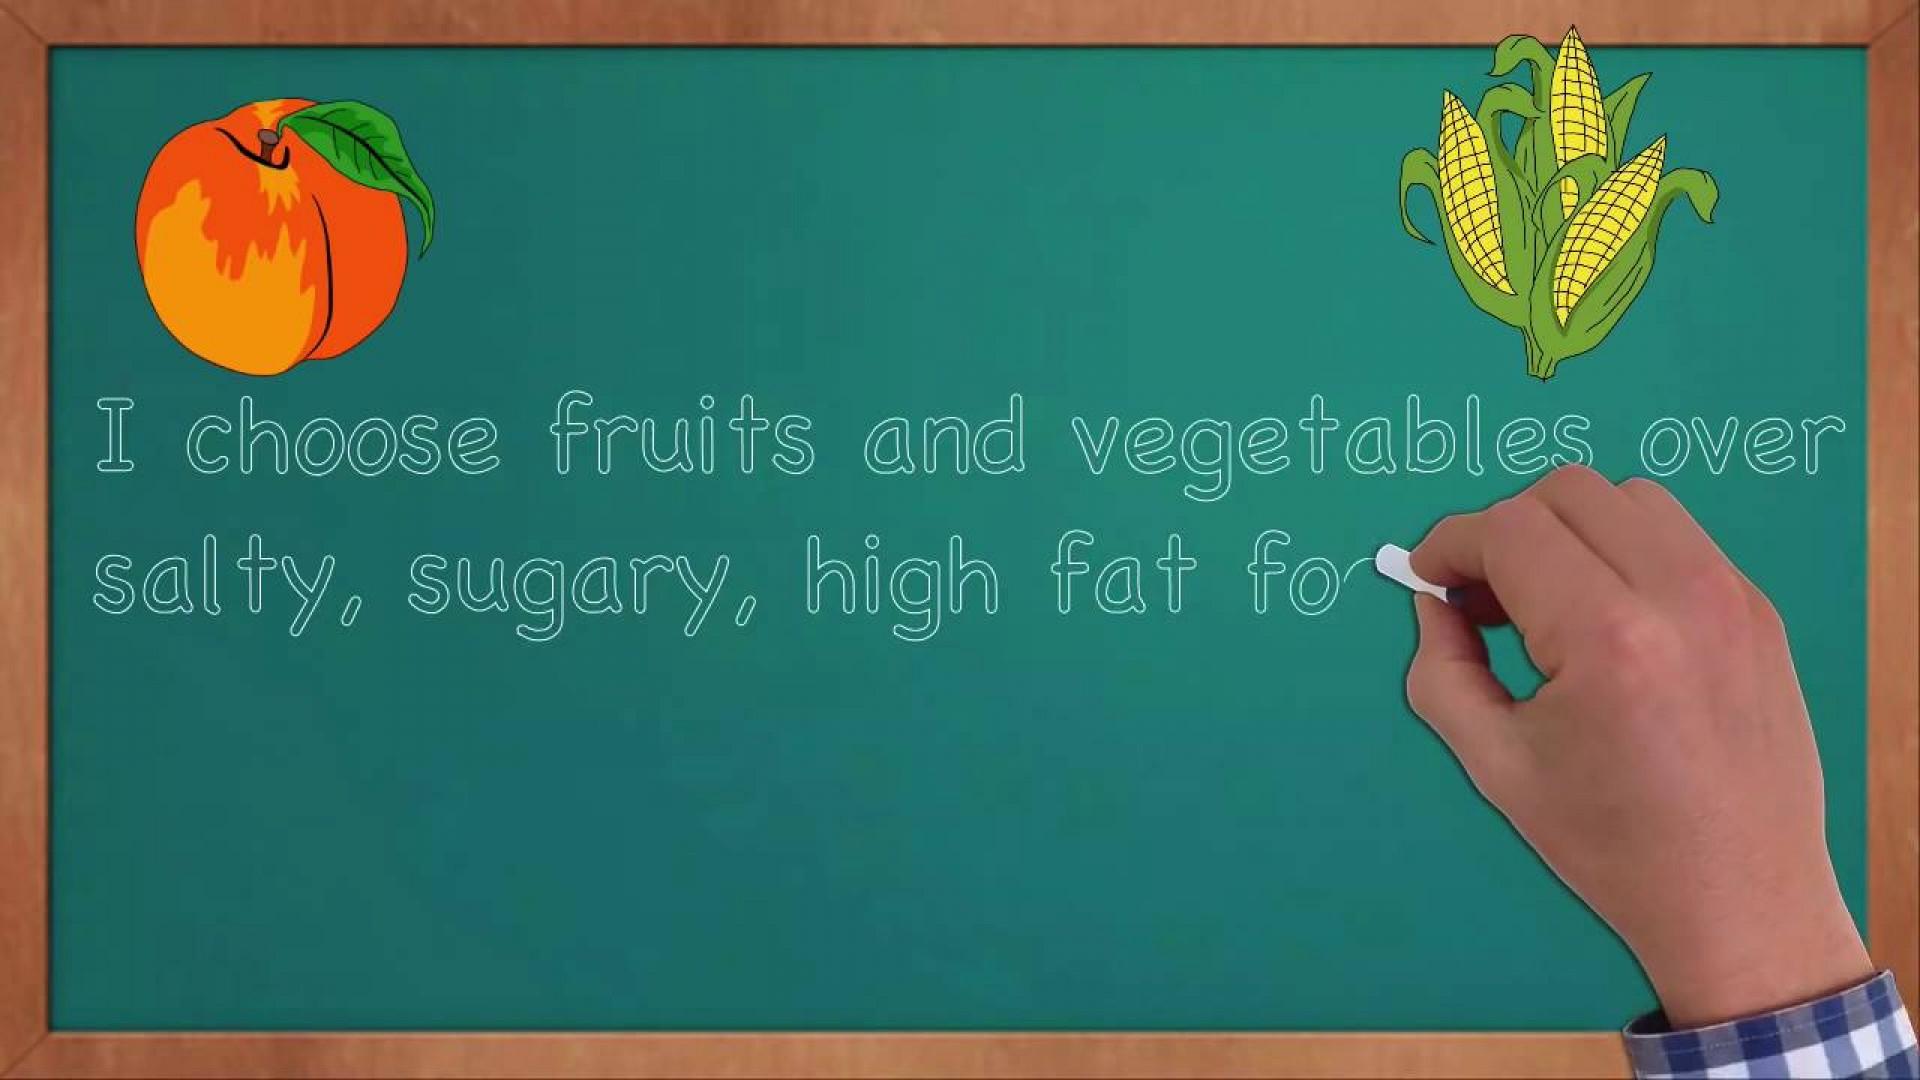 014 Maxresdefault Essay Example Healthy Impressive Eating Topics Spm Habits Pdf 1920